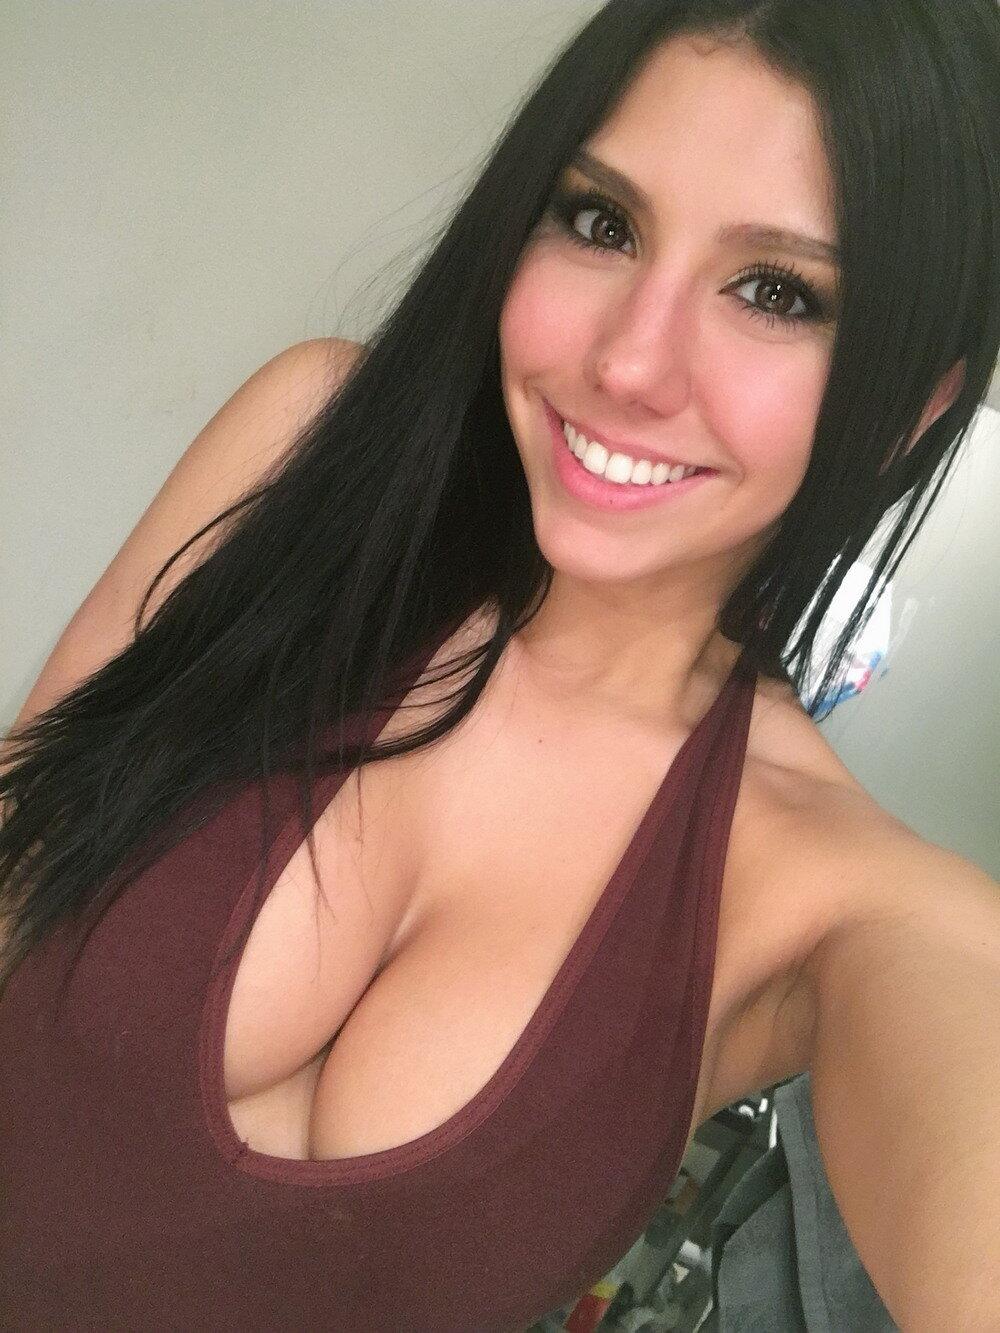 выводят себя девушка болтает грудью них общие все